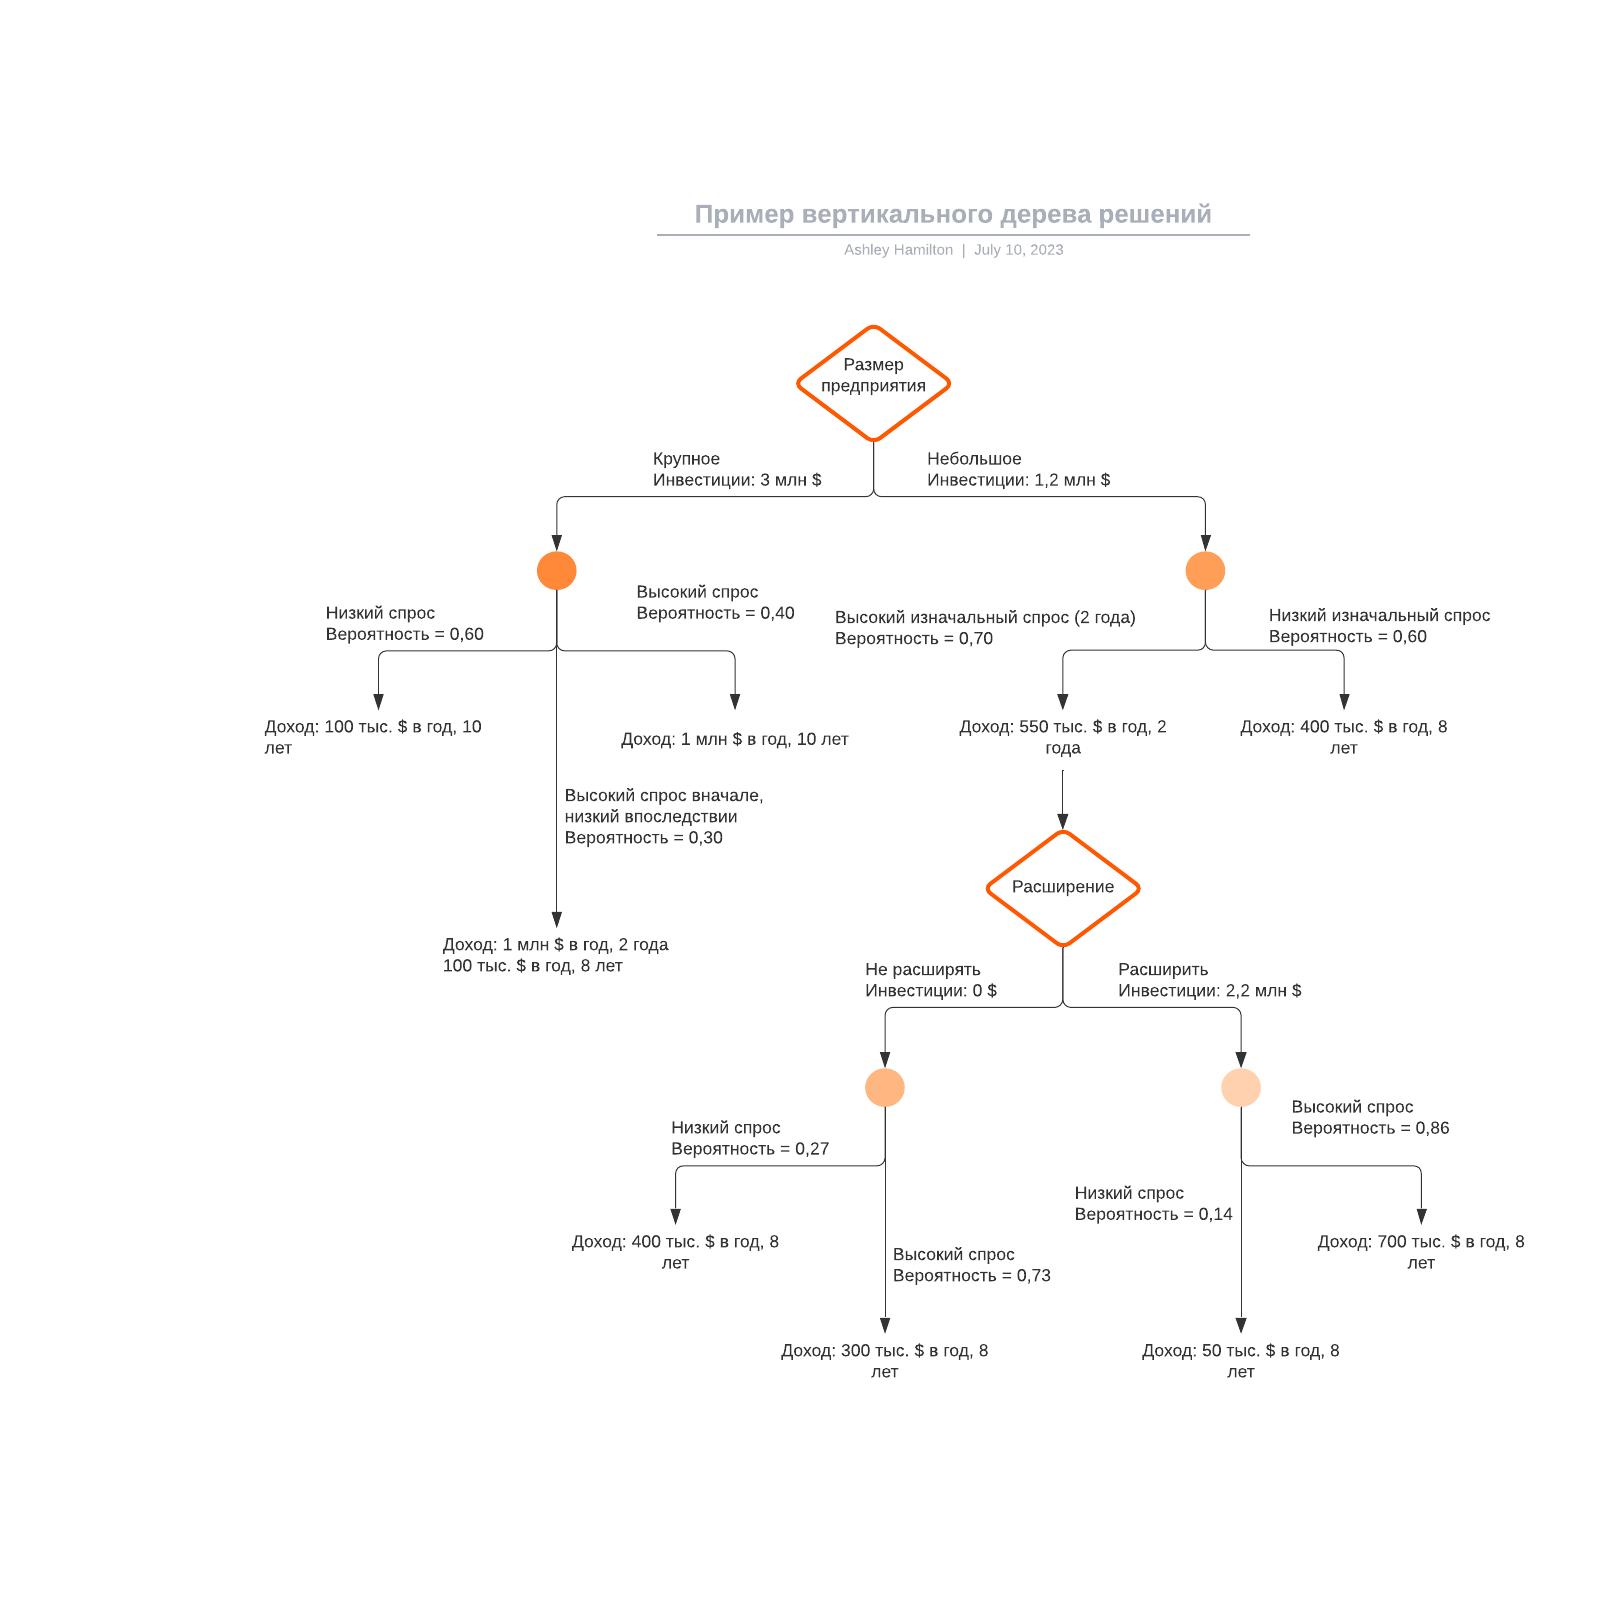 Пример вертикального дерева решений